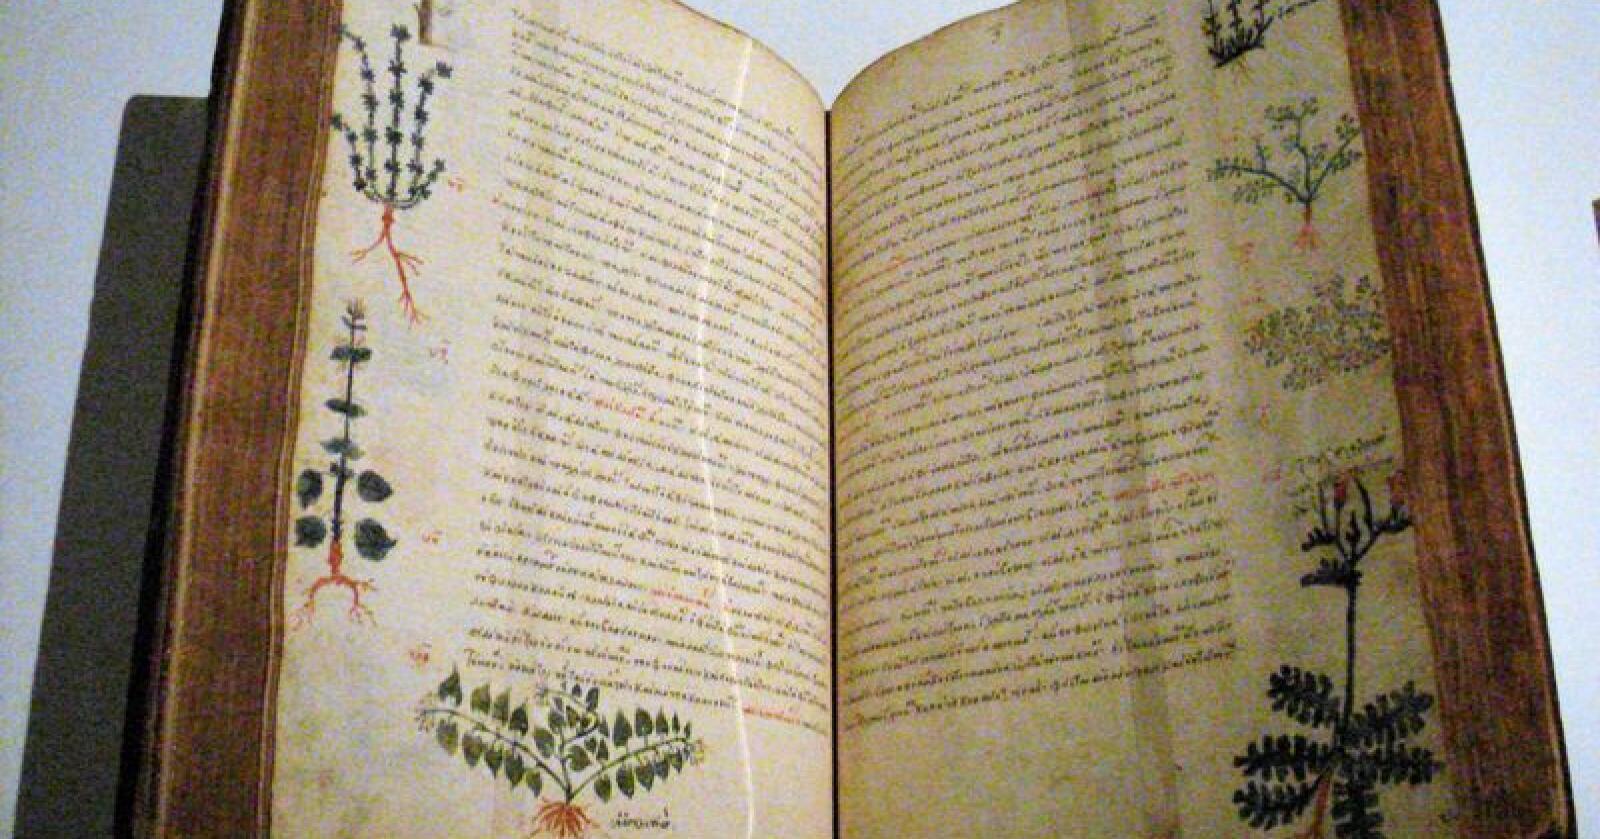 Den vitskaplege boksamlinga ved Oslo katedralskule er ei viktig kjelde når forskarane no skal kartleggje plantebruken i Norden sidan vikingtida. Eit viktig verk er De Materia Medica av den greske legen Dioscorides. Dette eksemplaret høyrer heime ved Cluny-museet i Paris.